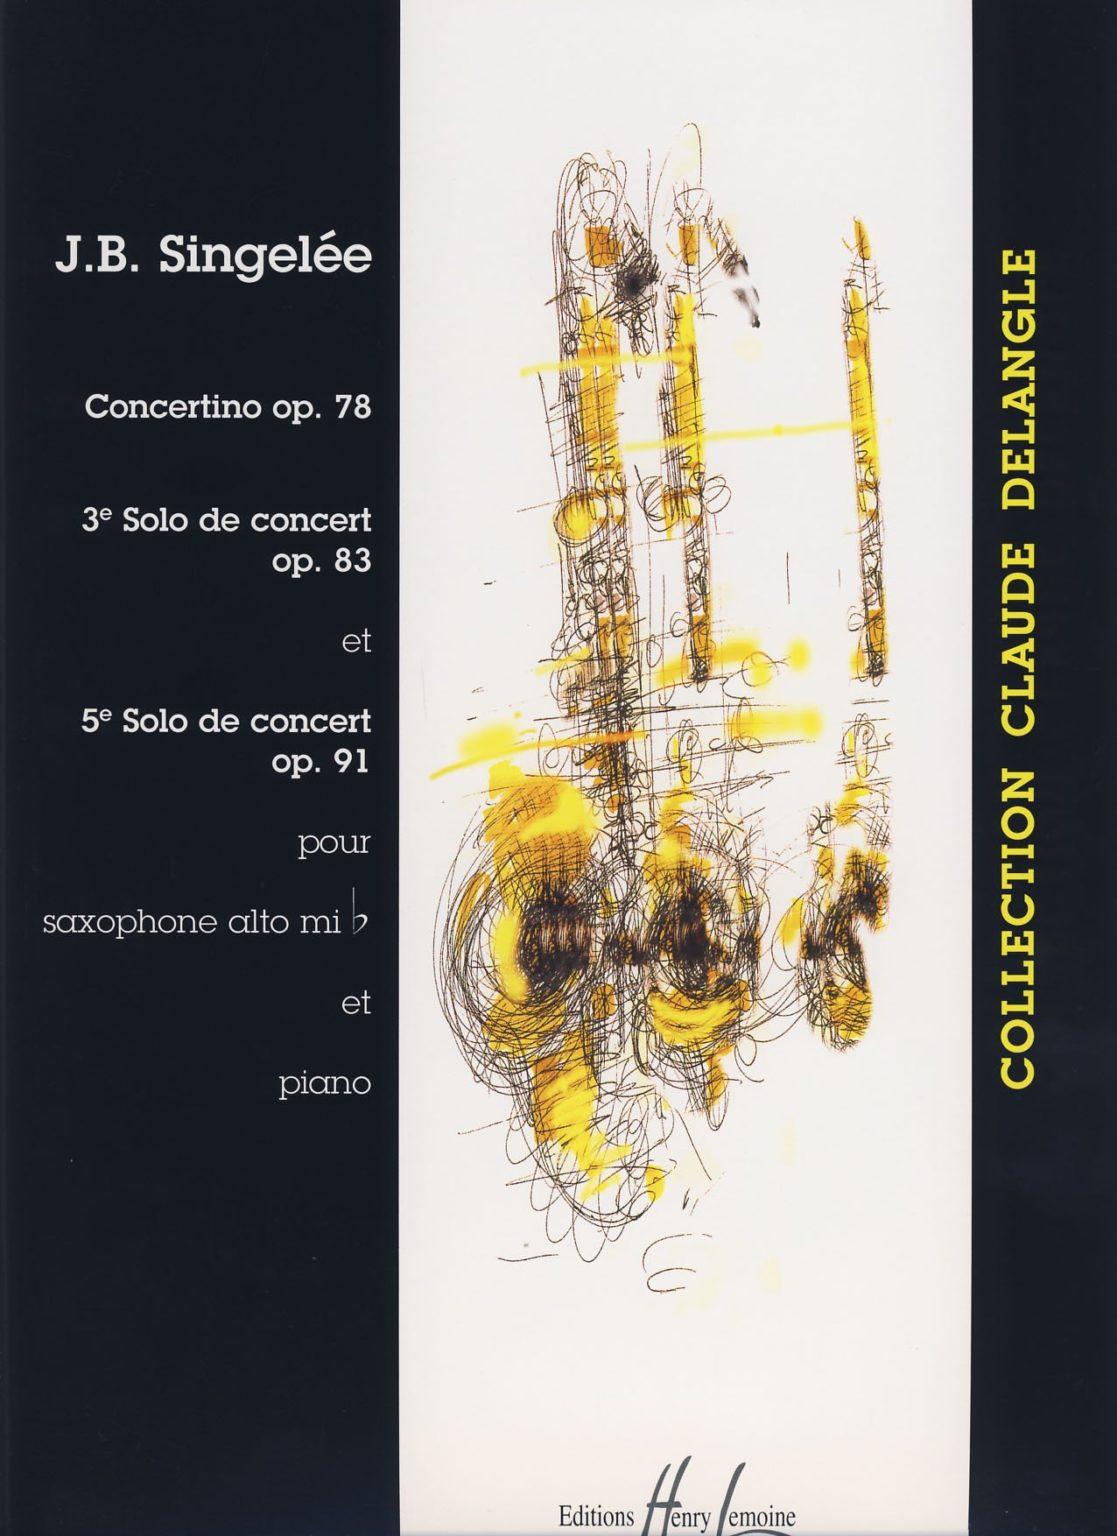 SolodeConcertop.83 para saxofón tenor y piano. Jean-BaptisteSingelee